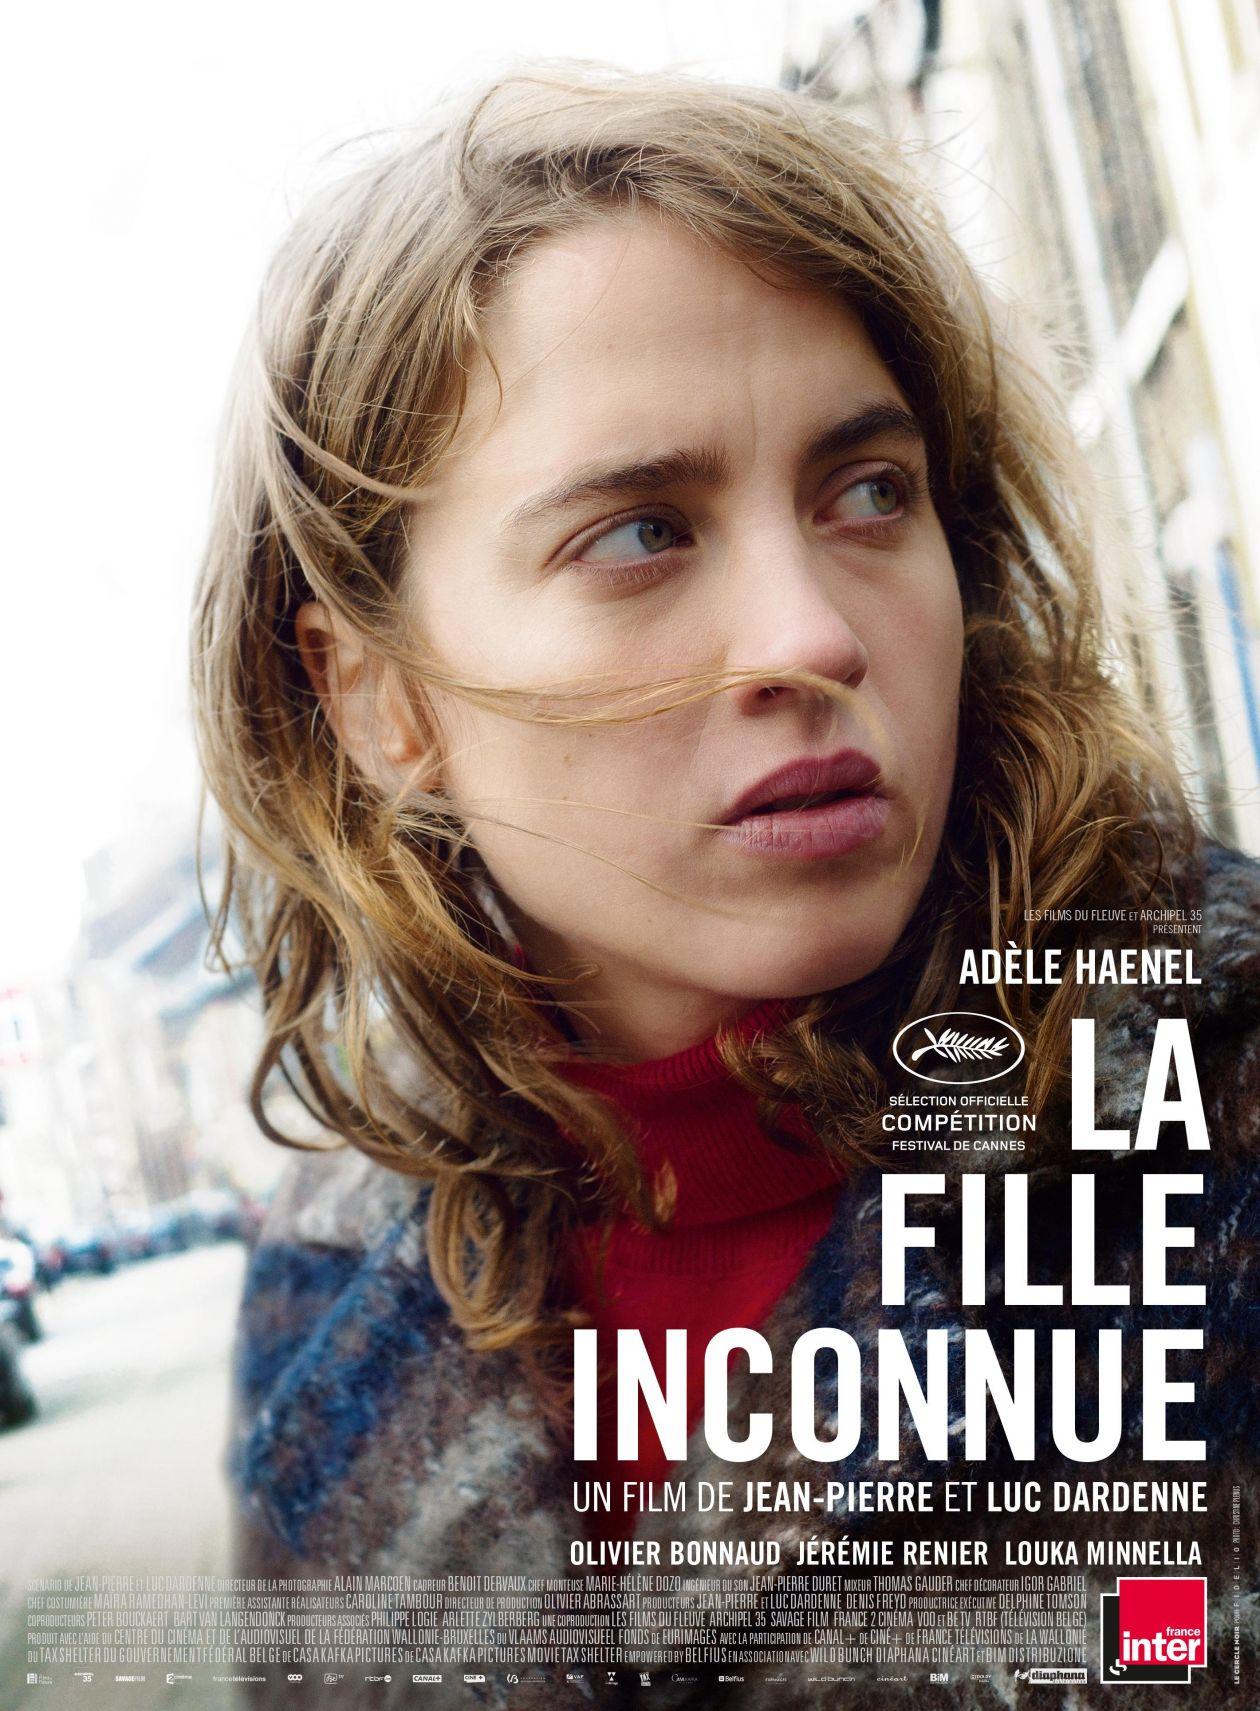 Adèle Haenel actress actrice comédienne   La fille inconnue / Jean-Pierre Dardenne Luc Dardenne 2016 Movie Poster Affiche film